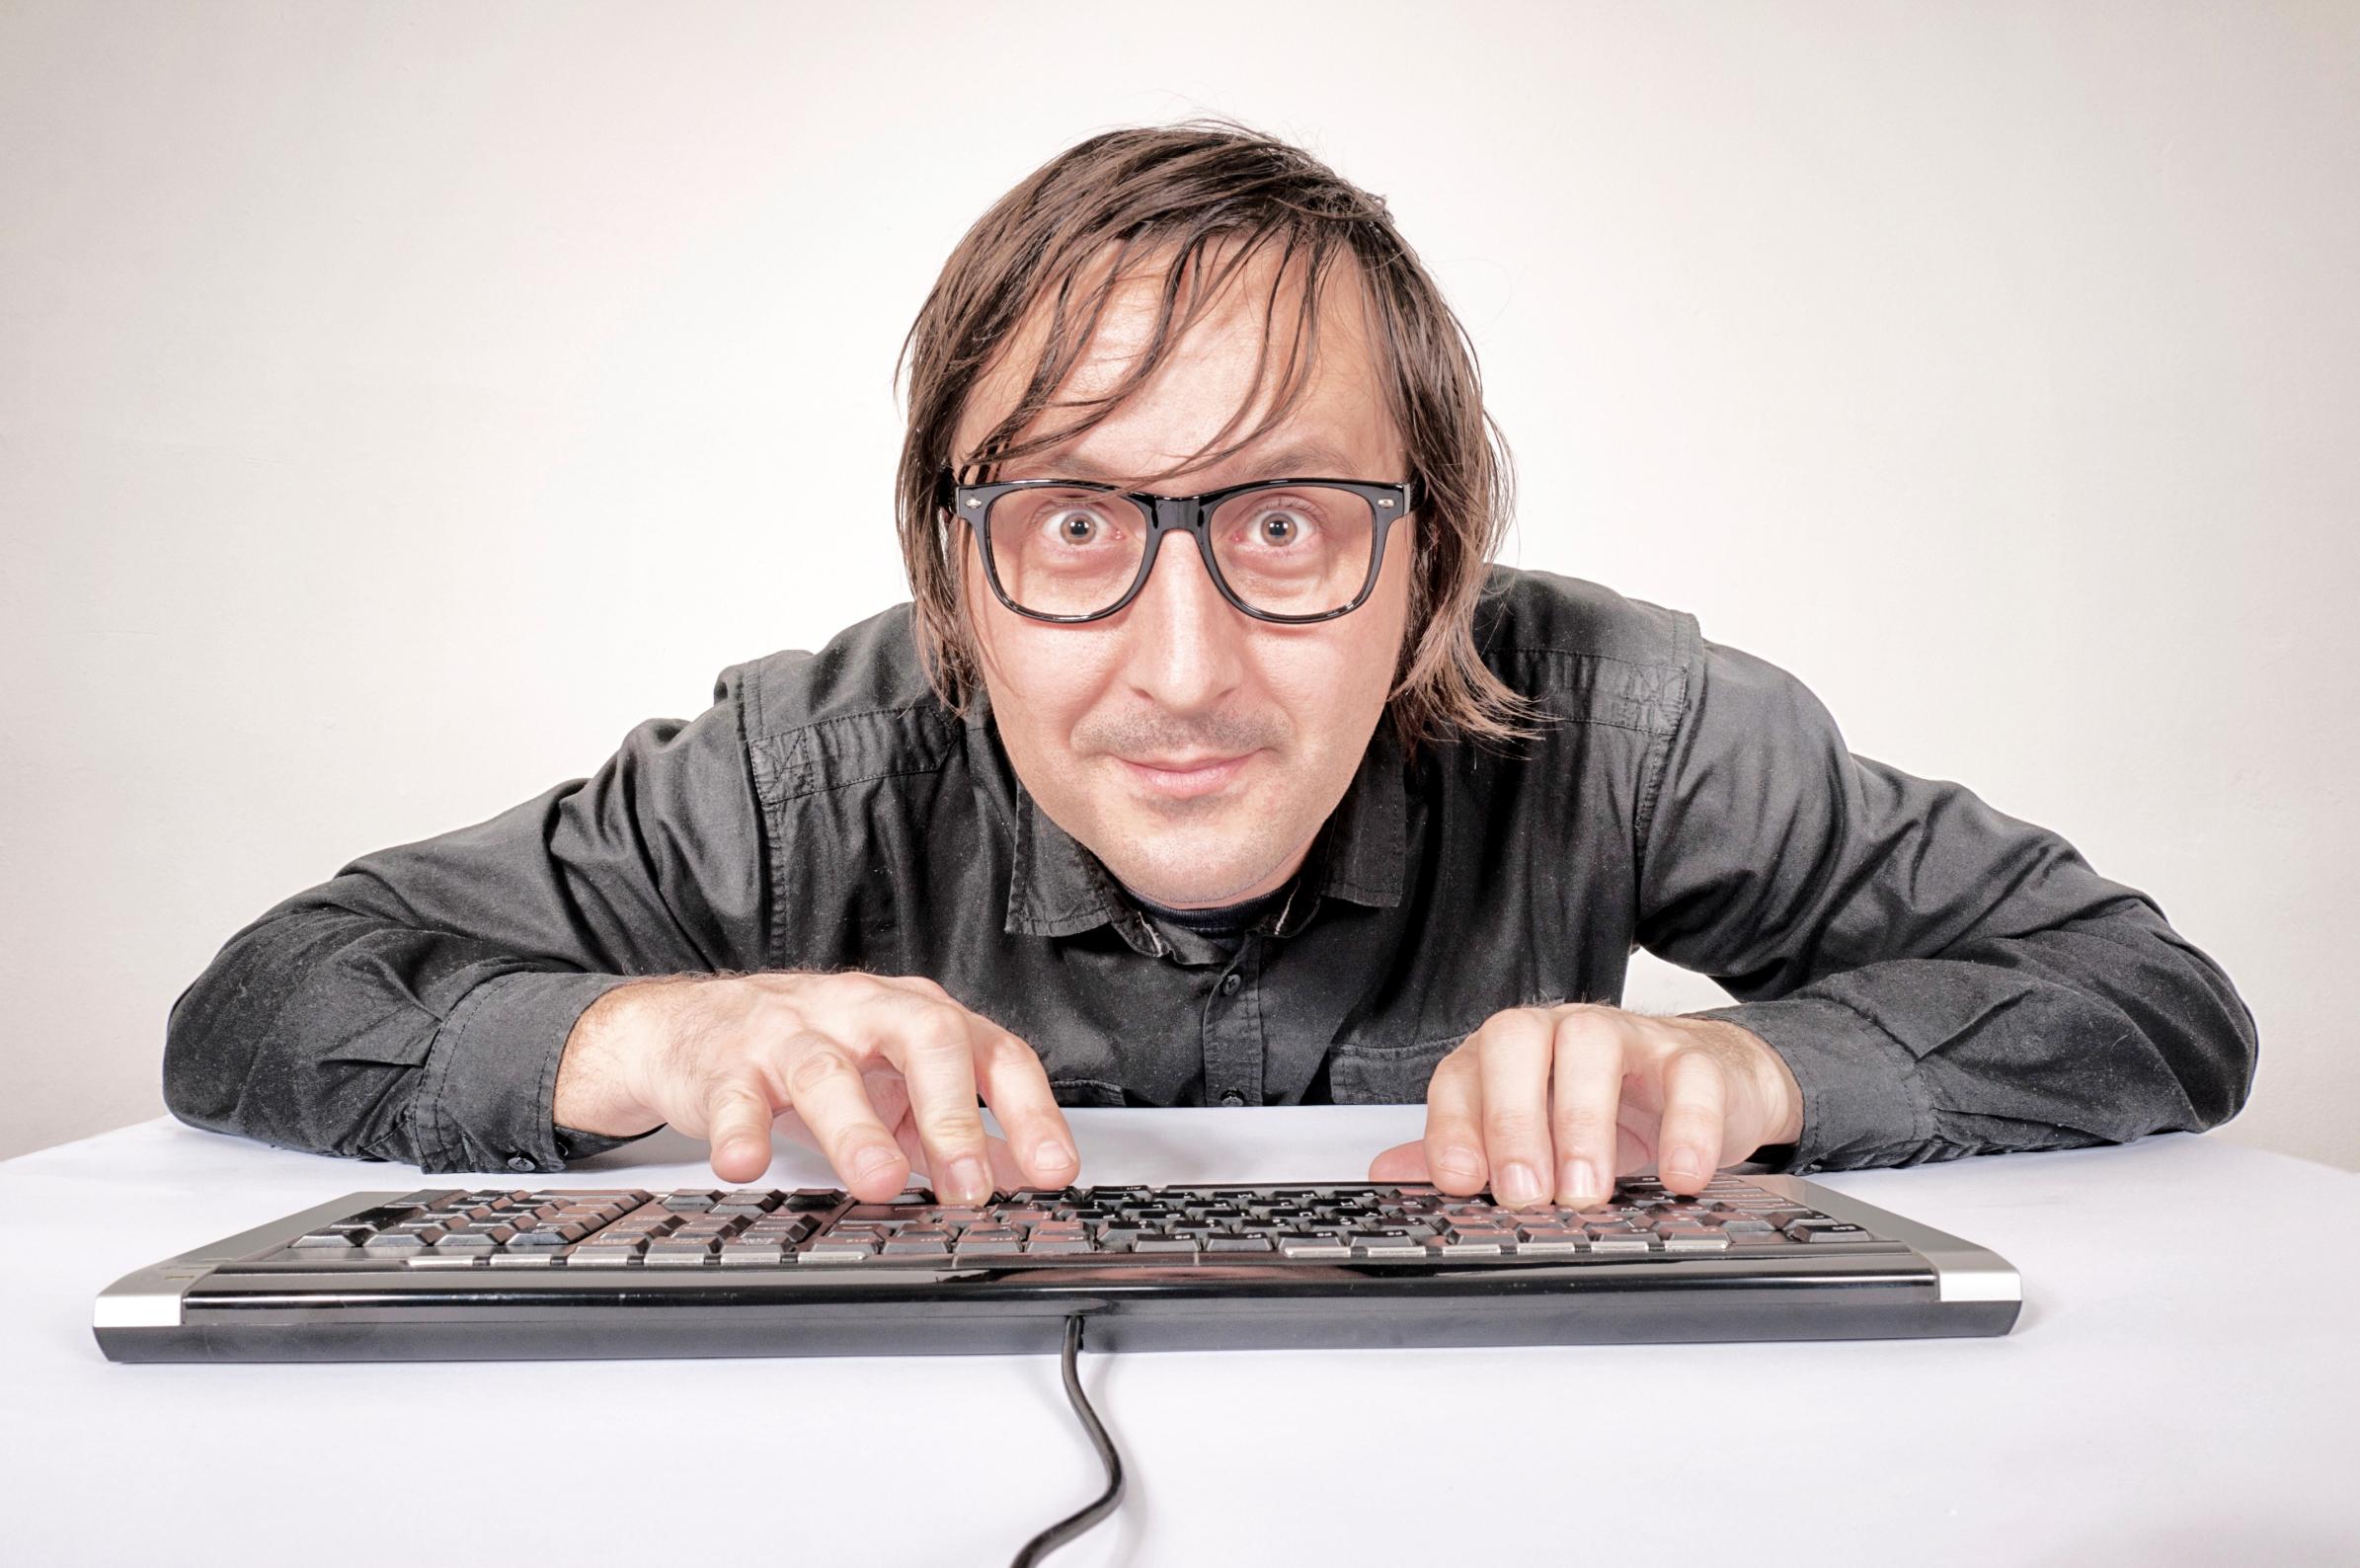 Картинка смешной человек за компьютером